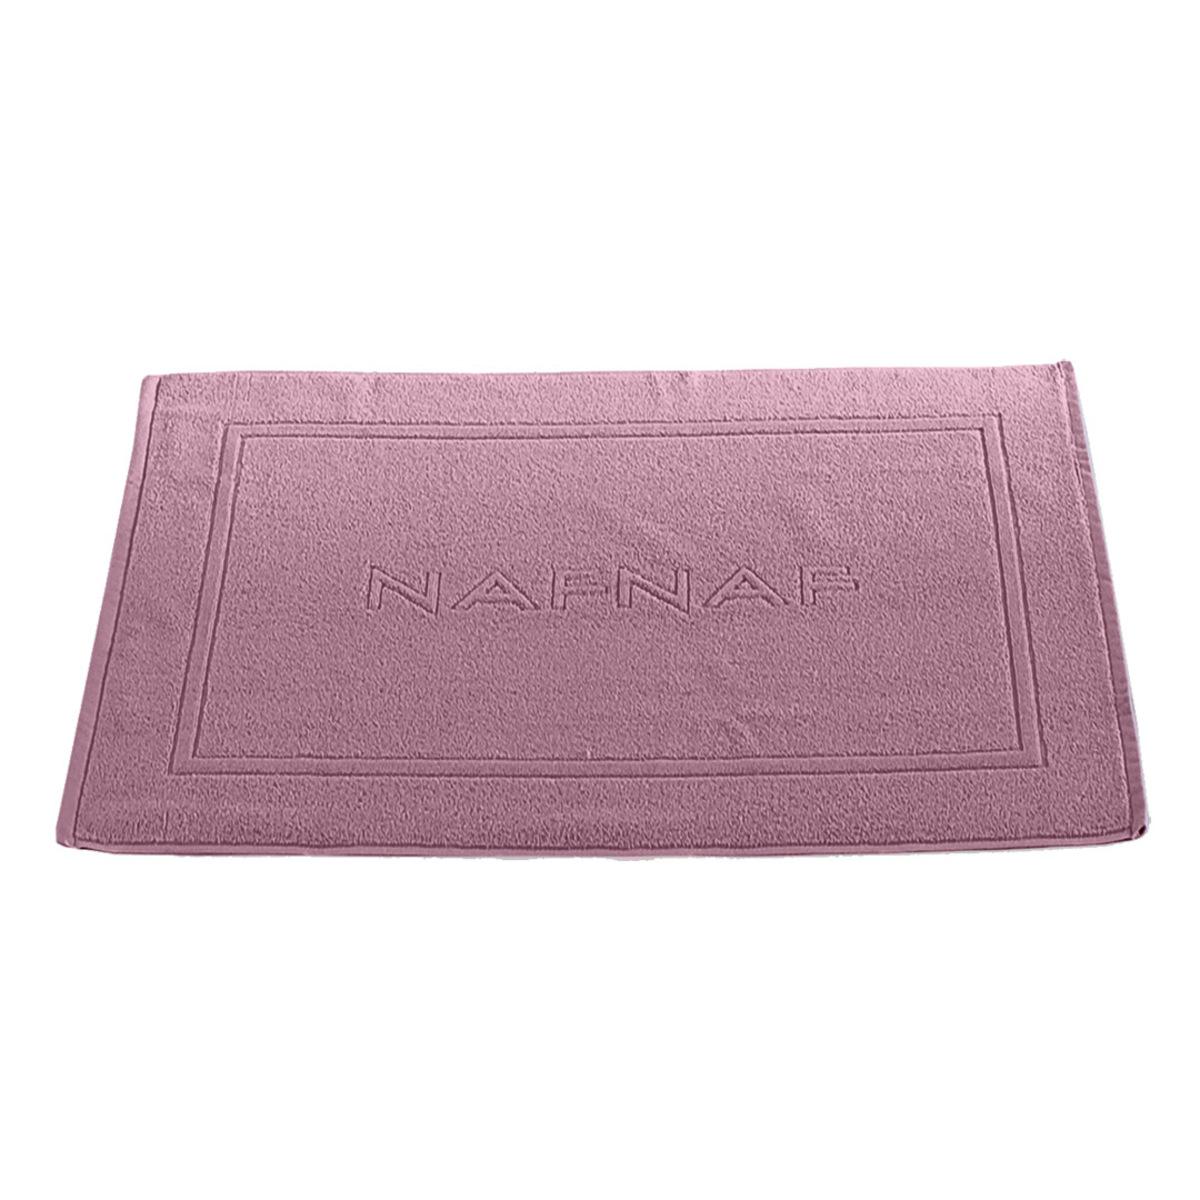 Tapis de bain 750gr/m2 en coton mauve 50x80